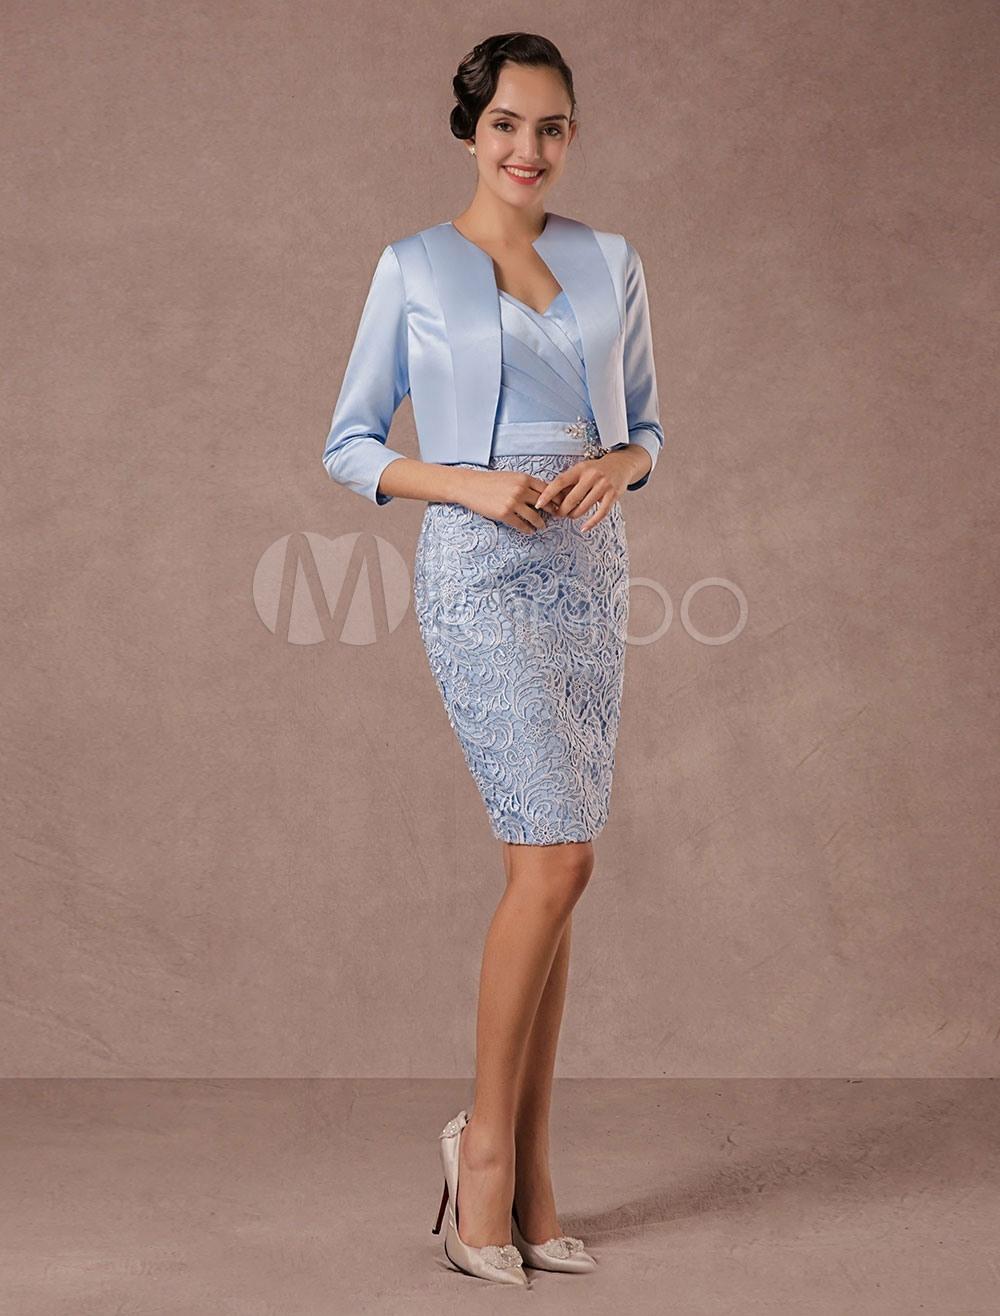 Designer Einzigartig Kleider Für Anlässe Und Feste Design Genial Kleider Für Anlässe Und Feste Spezialgebiet